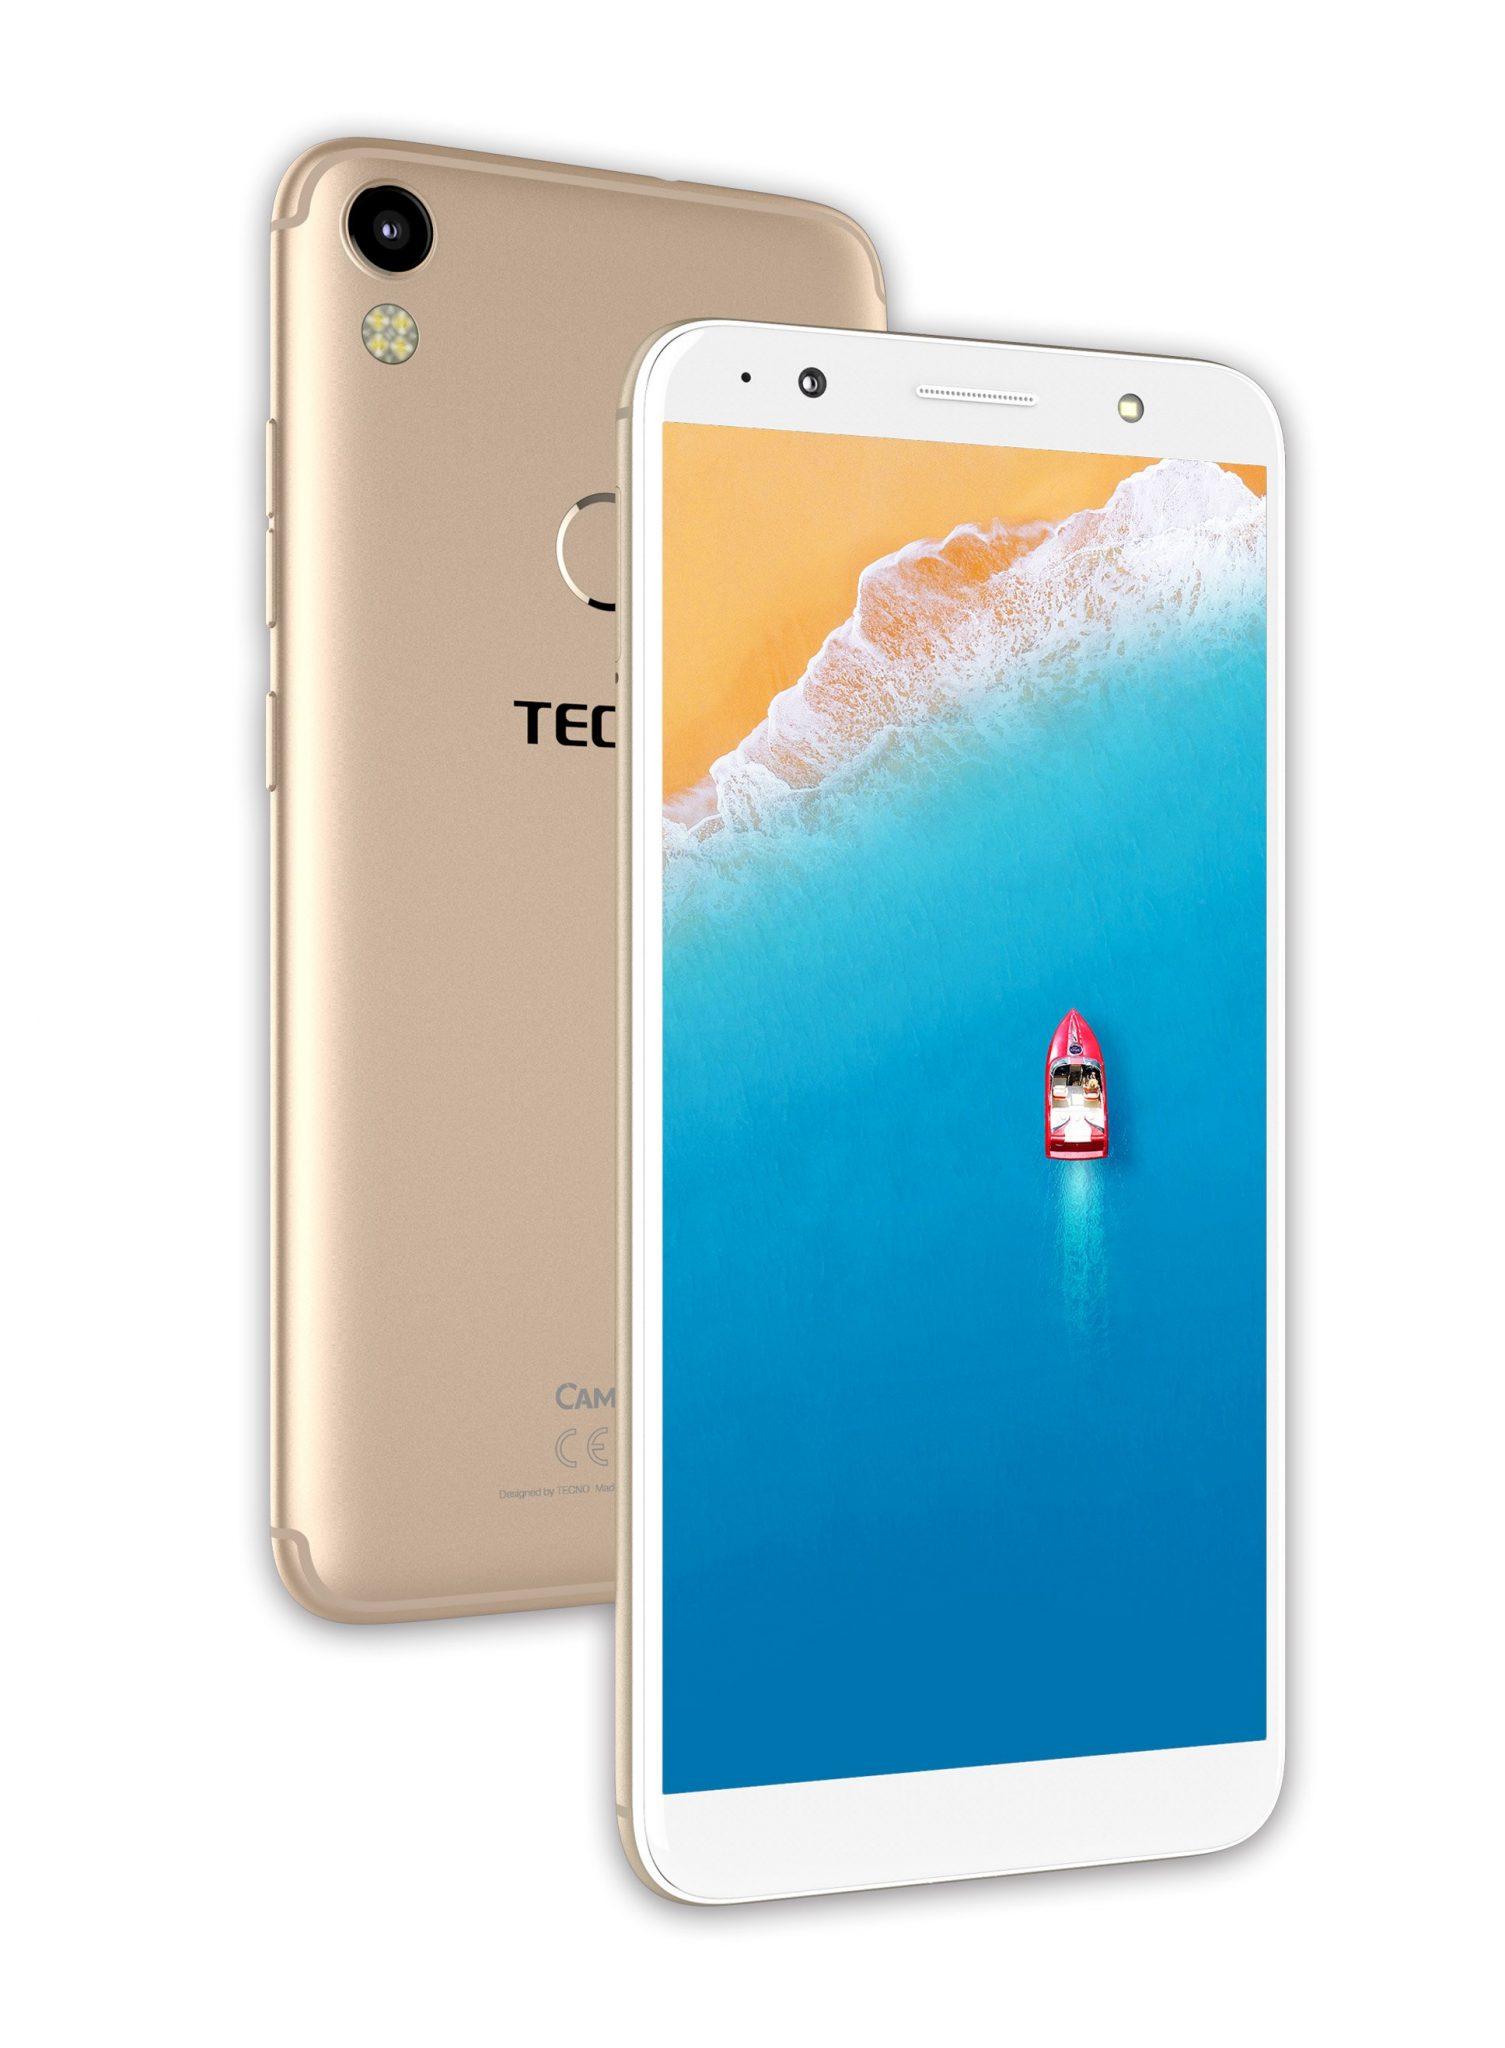 """เทคโน โมบาย เดินหน้าลุยตลาดไทย ส่งสมาร์ทโฟน 2 รุ่น สเปคแรง เอาใจกลุ่มมิลเลนเนียล """"Camon CM"""" และ """"SPARK CM"""" ชูฟีเจอร์เพื่อคนไทยโดยเฉพาะ 13 -"""